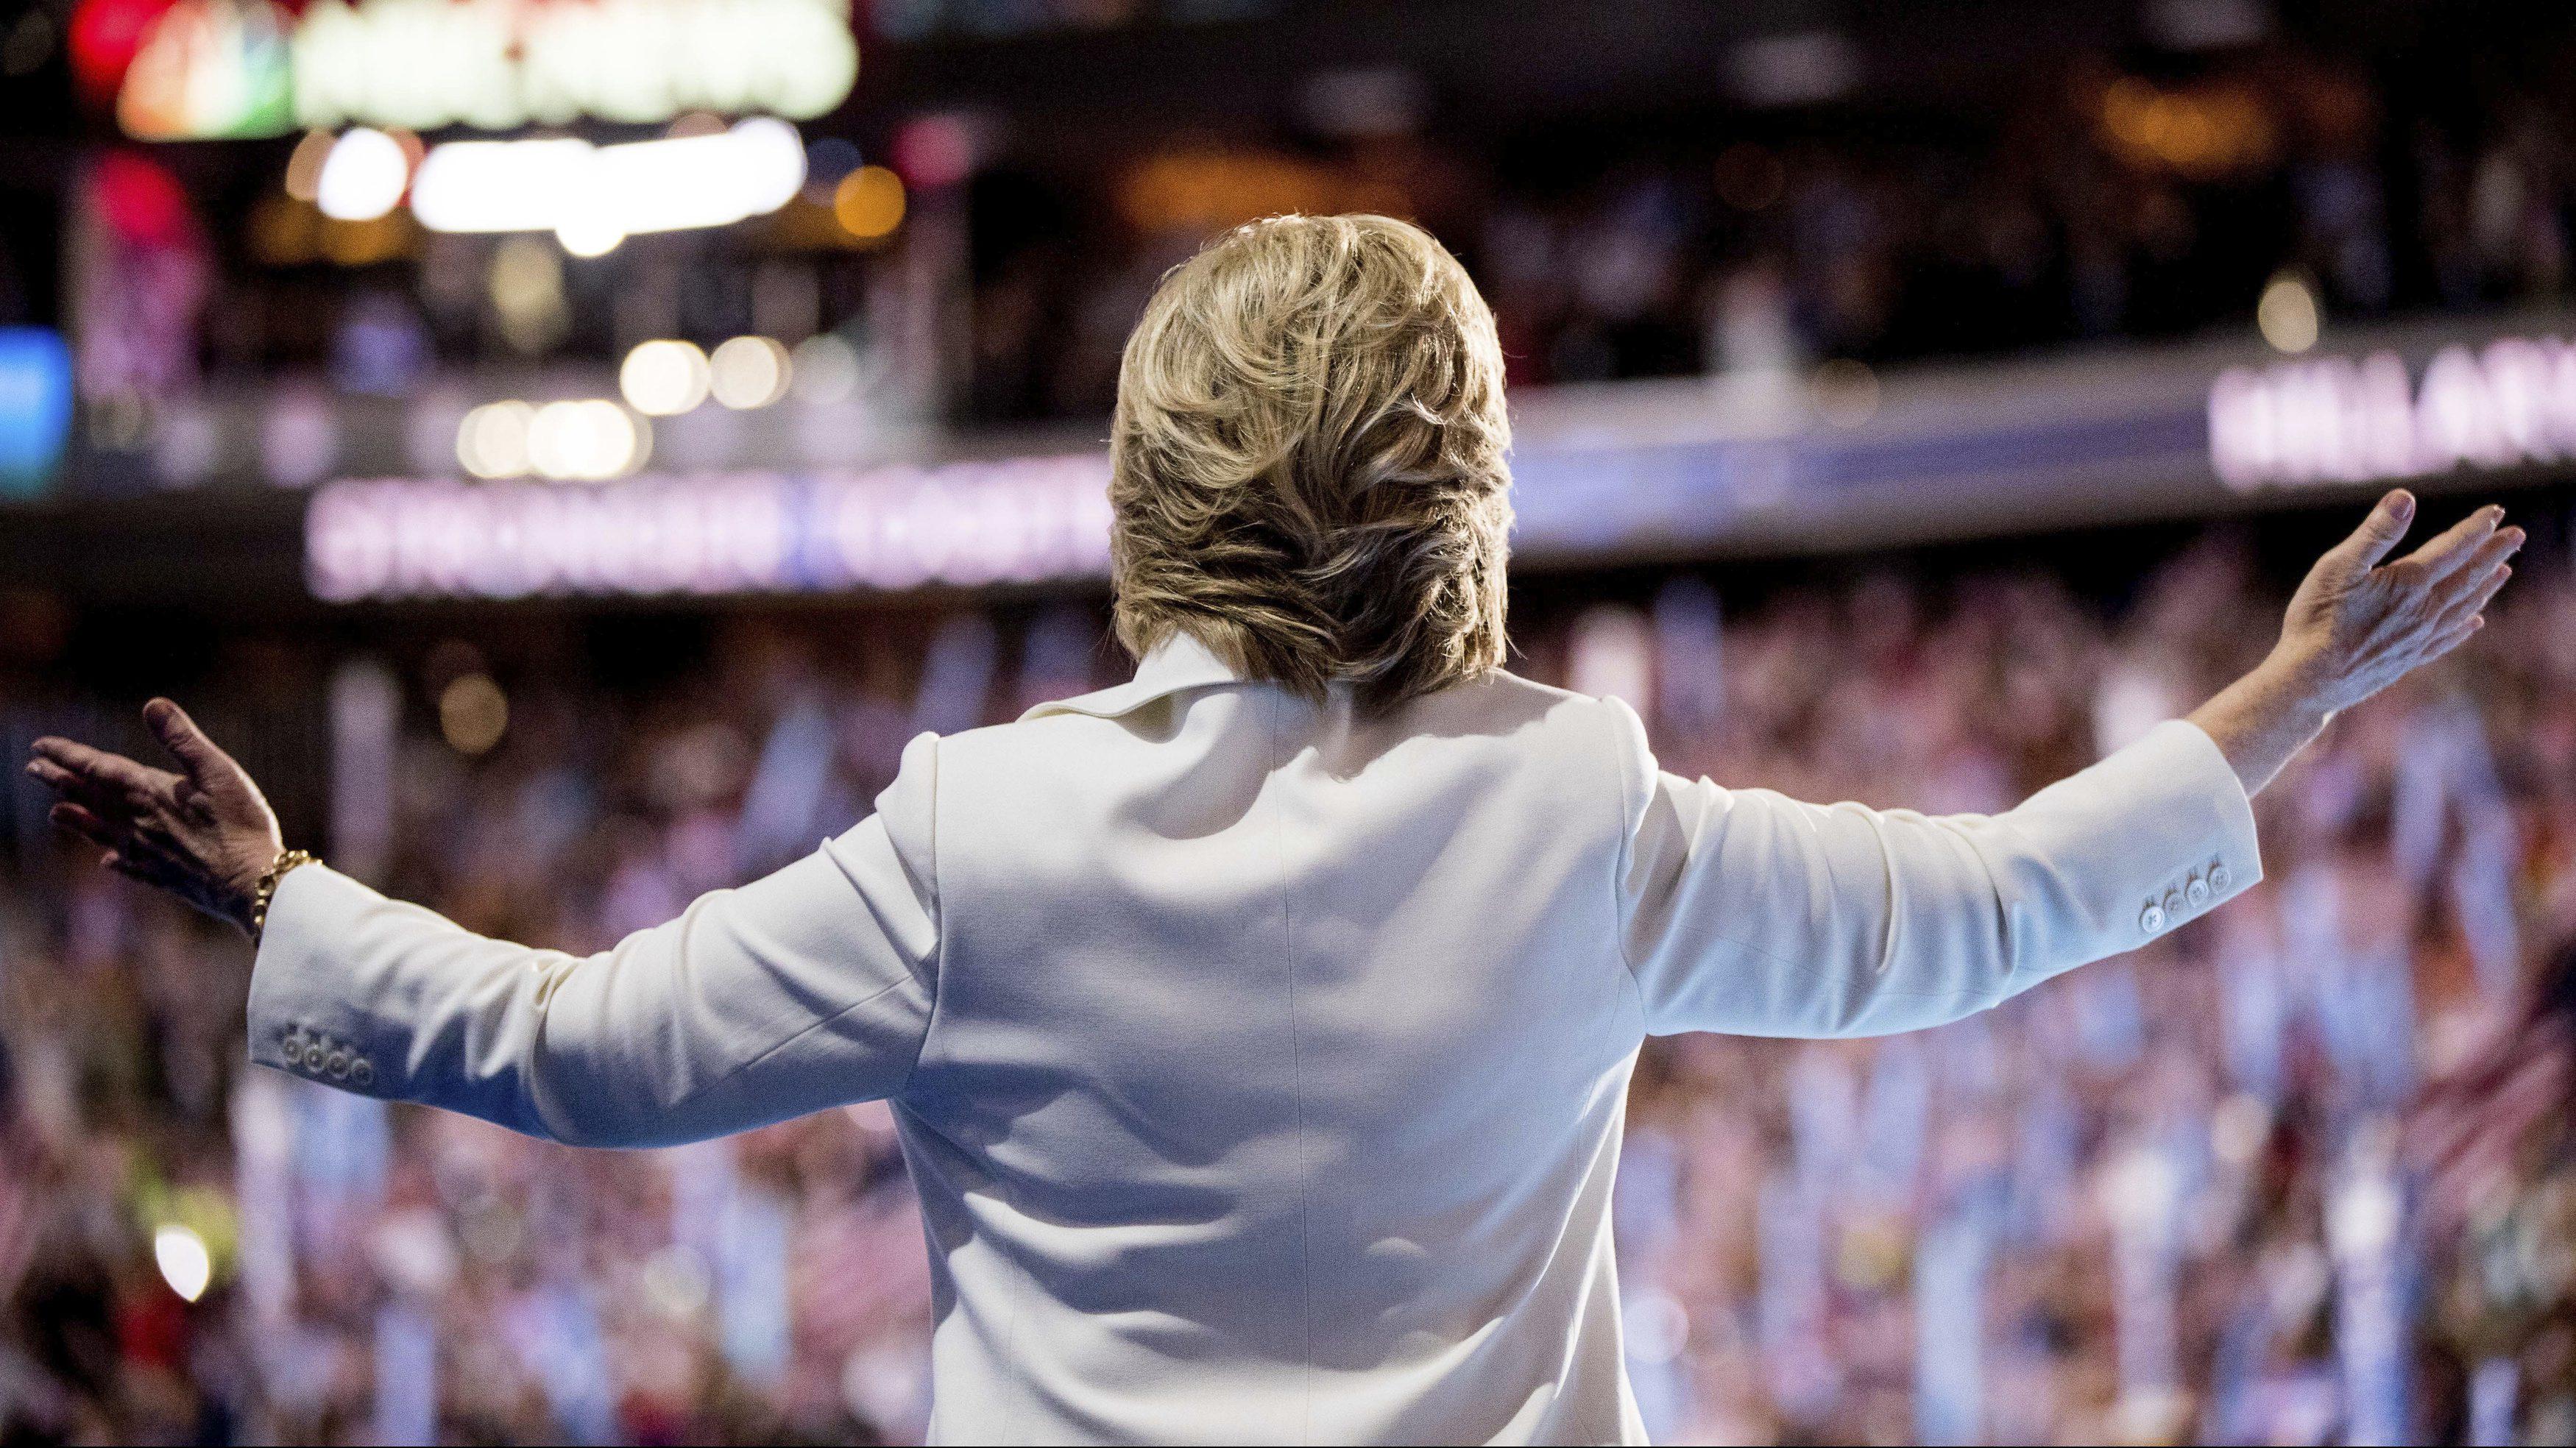 Hillary Clinton at DNC 2016